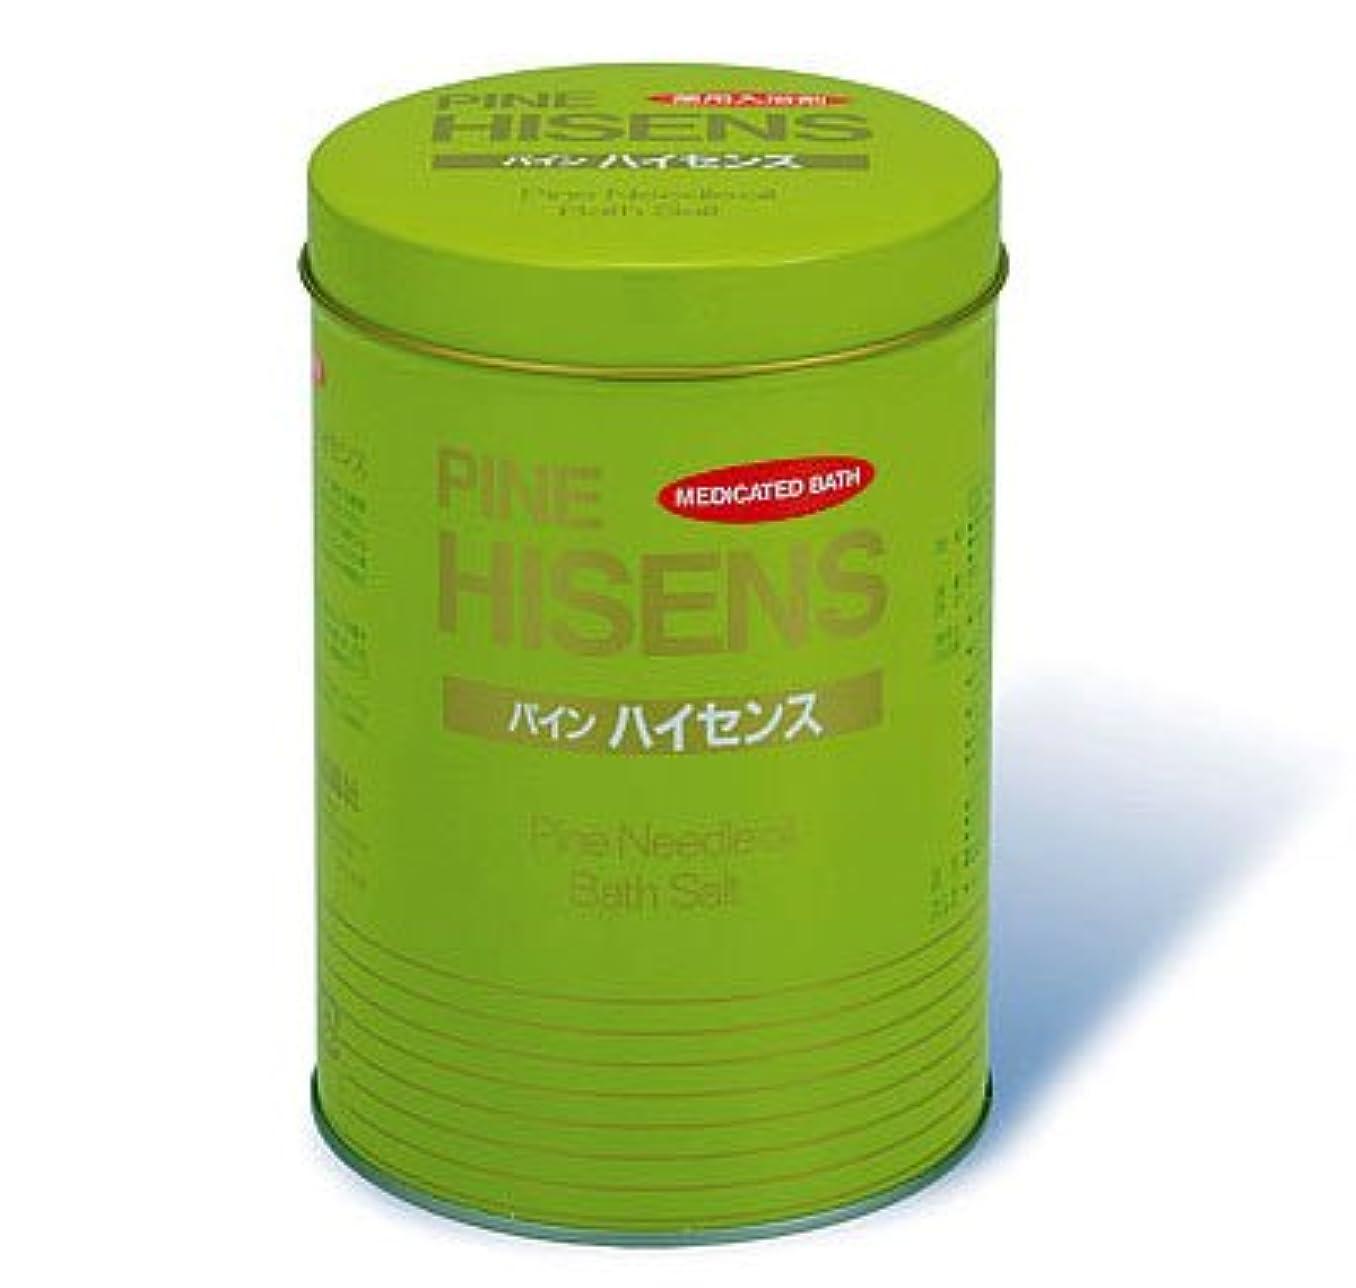 プラカード廊下太字高陽社 薬用入浴剤 パインハイセンス 2.1kg 1缶